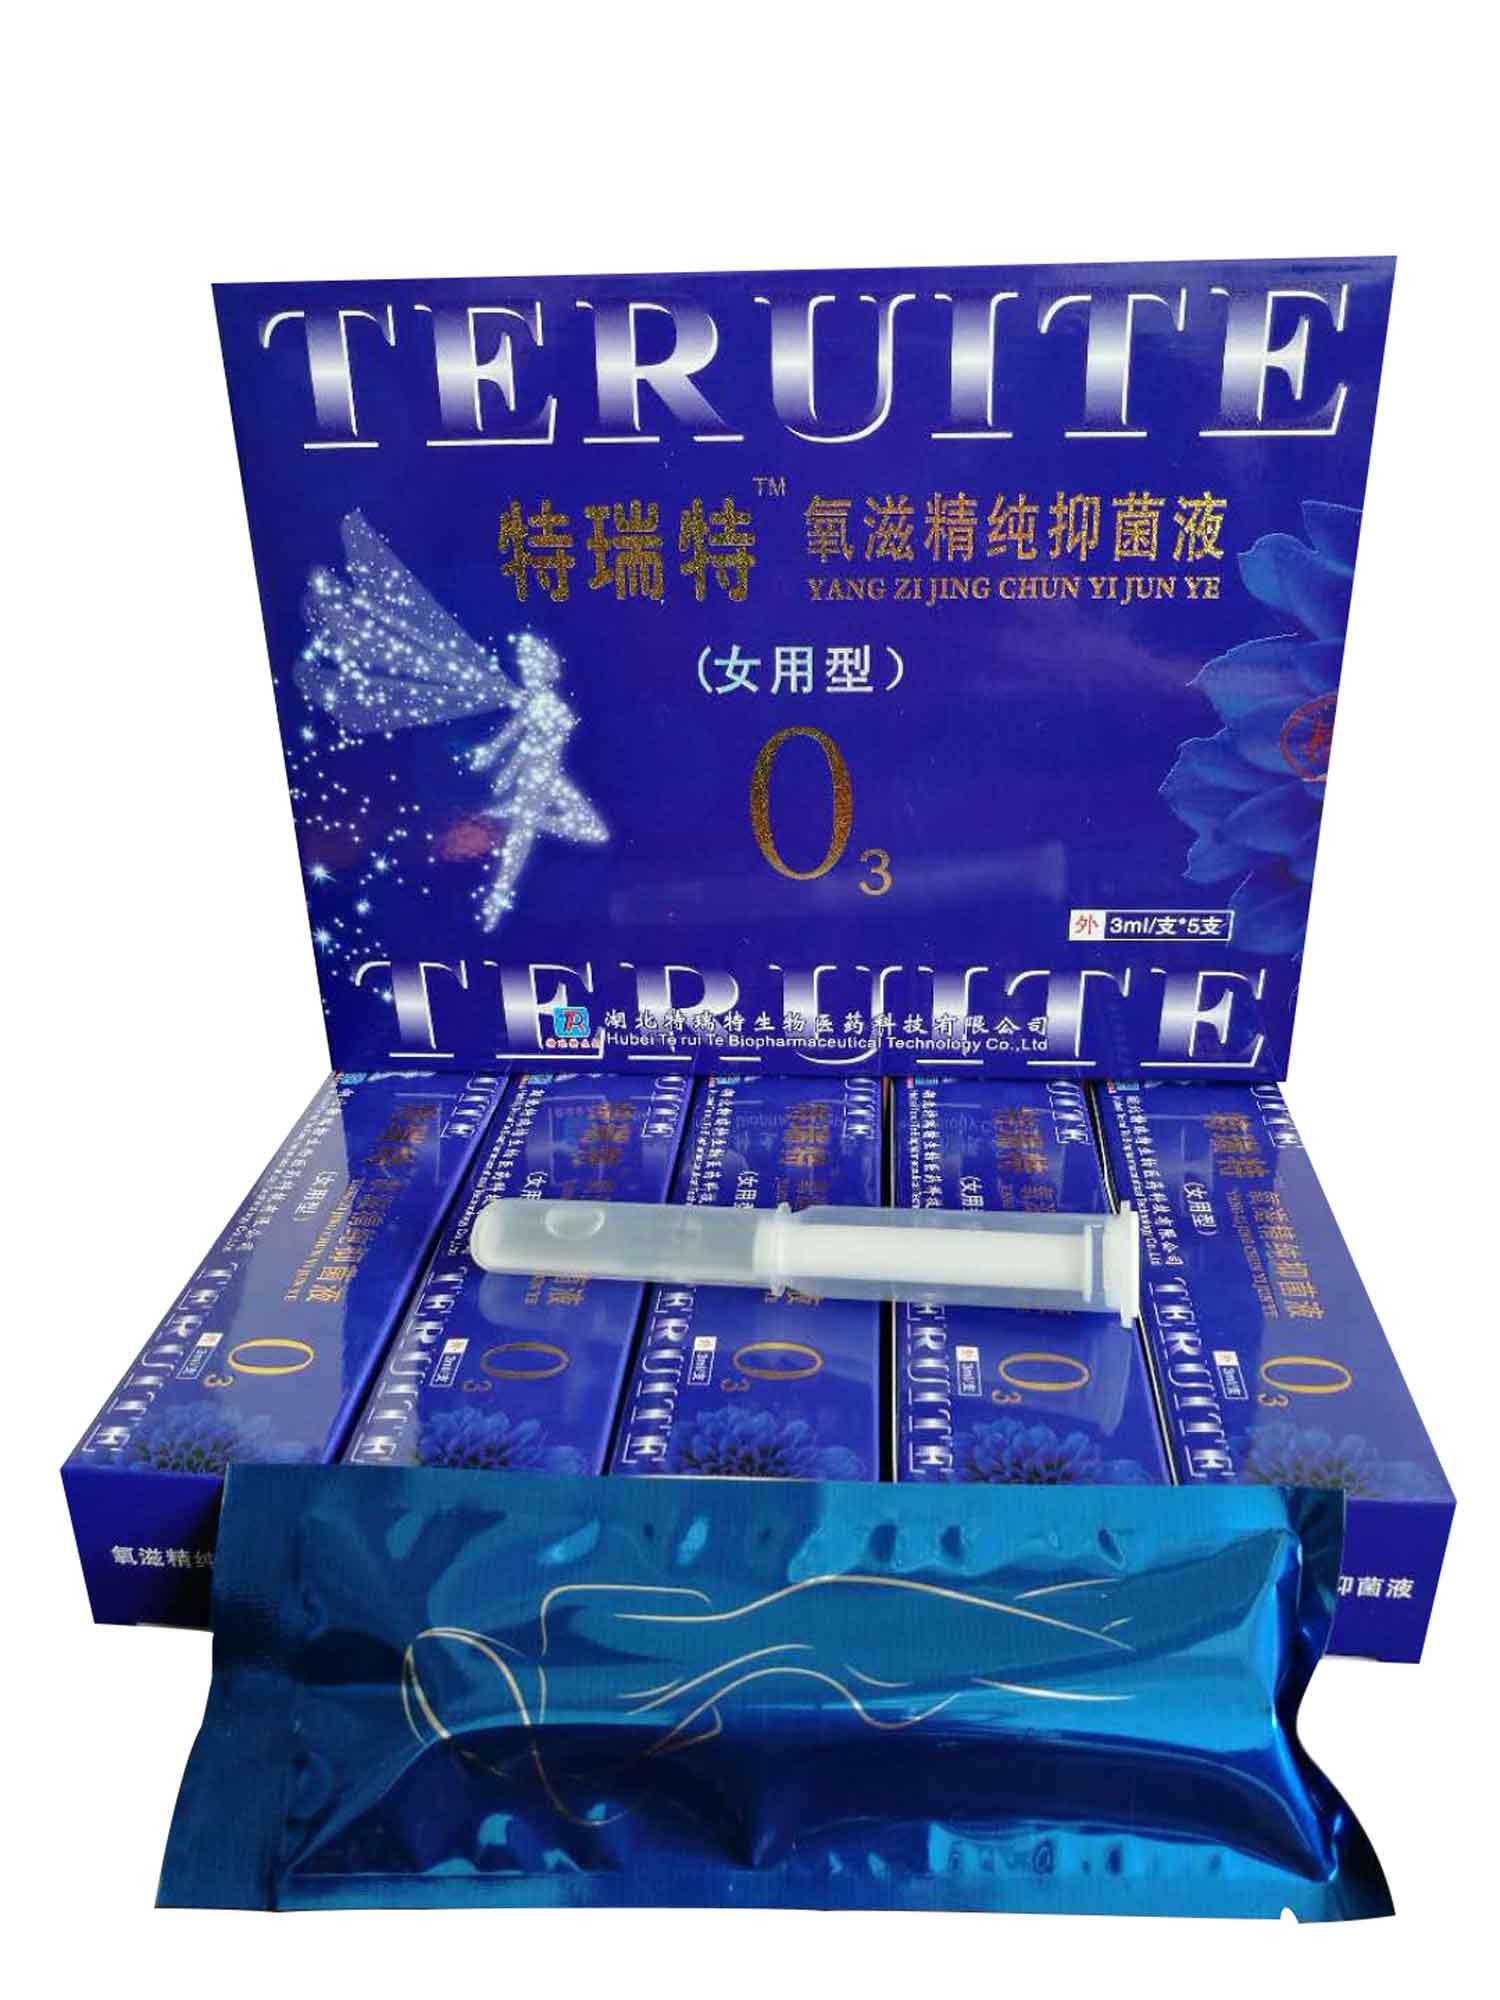 特瑞特氧滋精纯抑菌液(女用型)——臭氧油凝胶